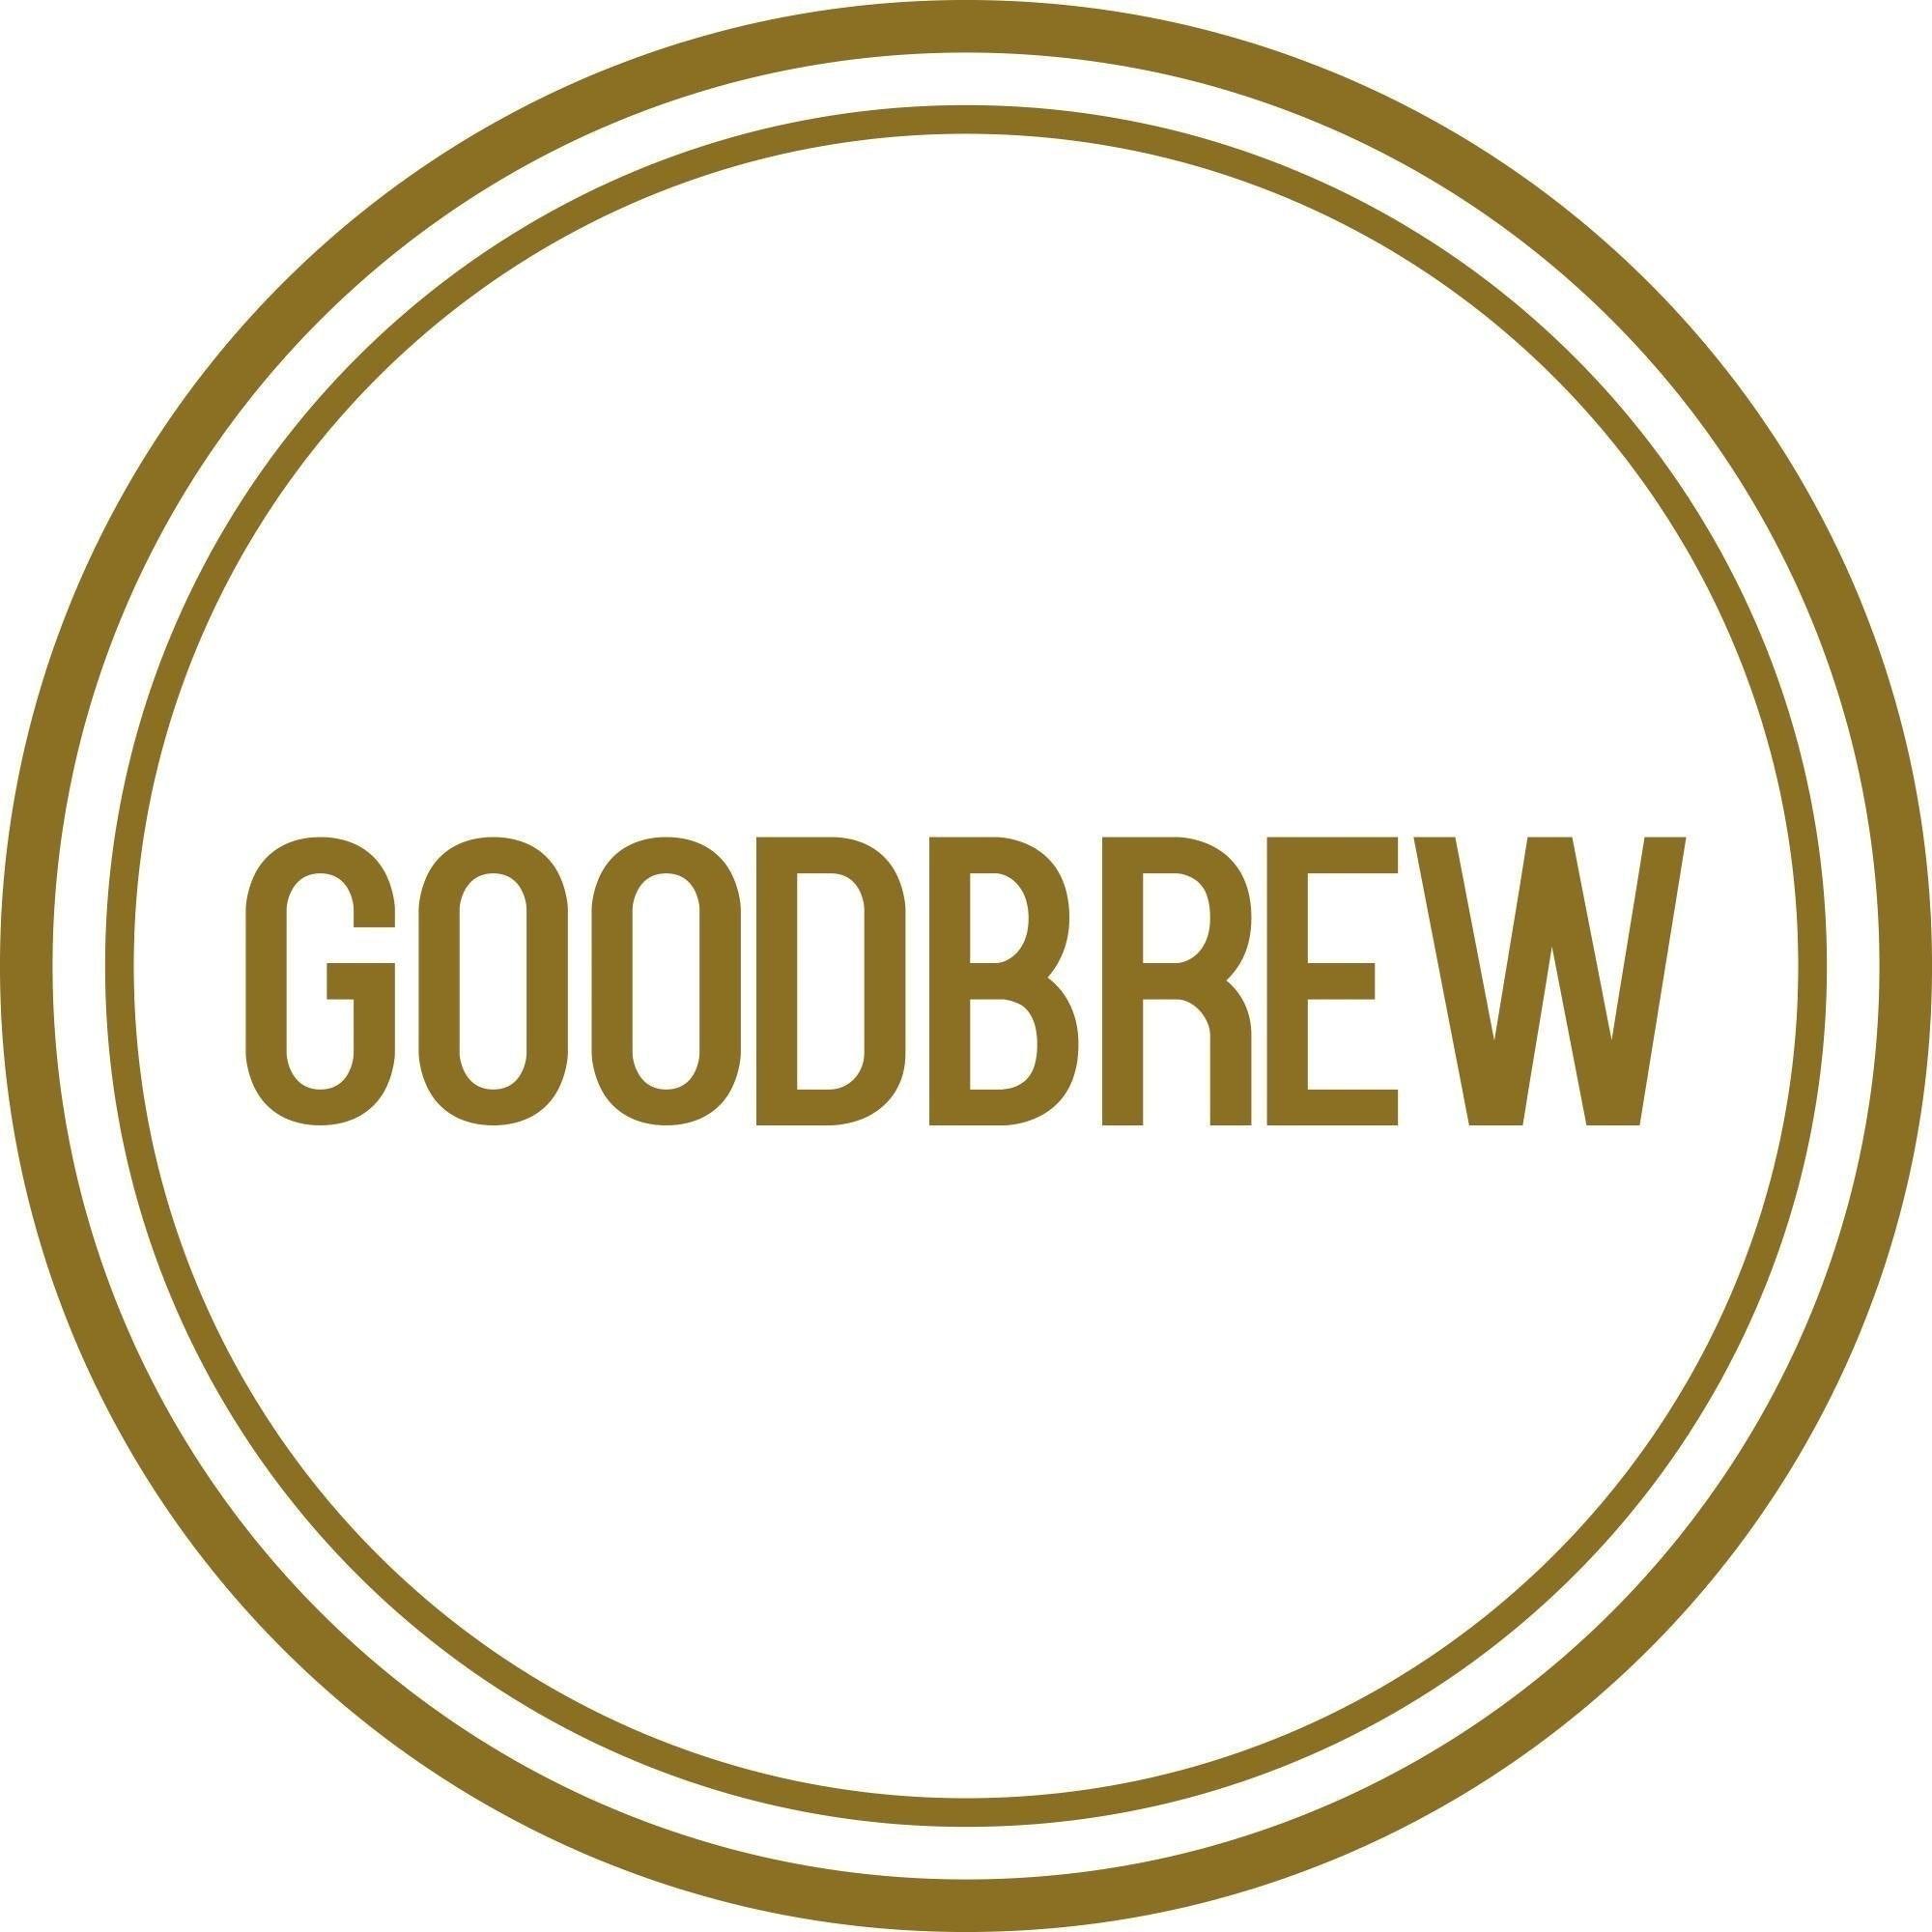 GoodBrew